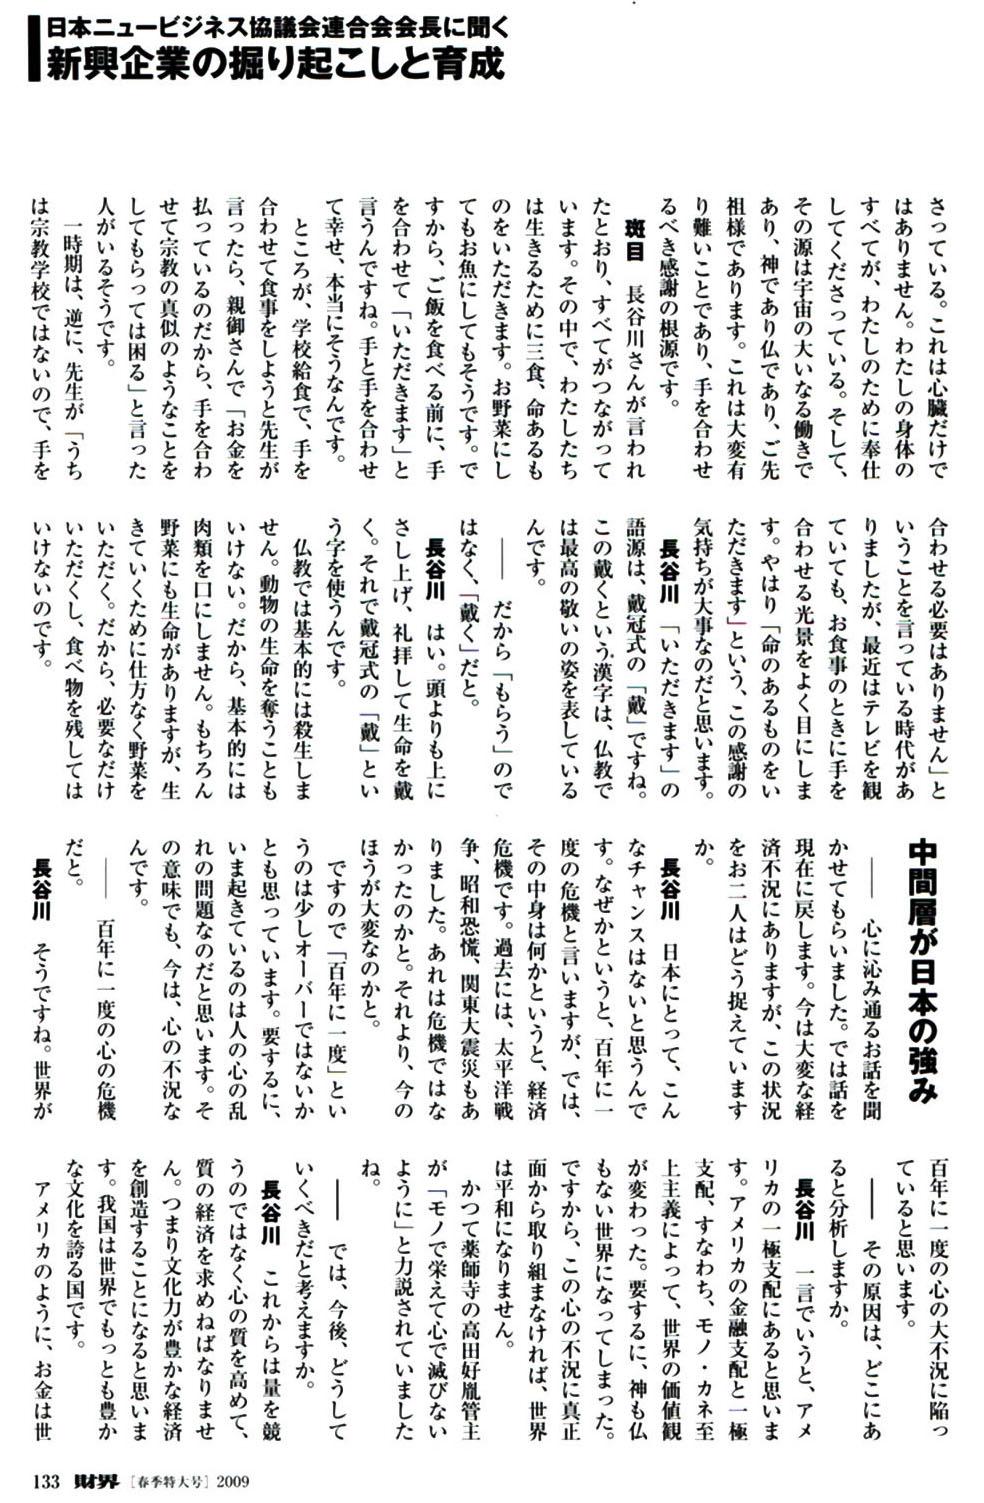 kiji_6_2